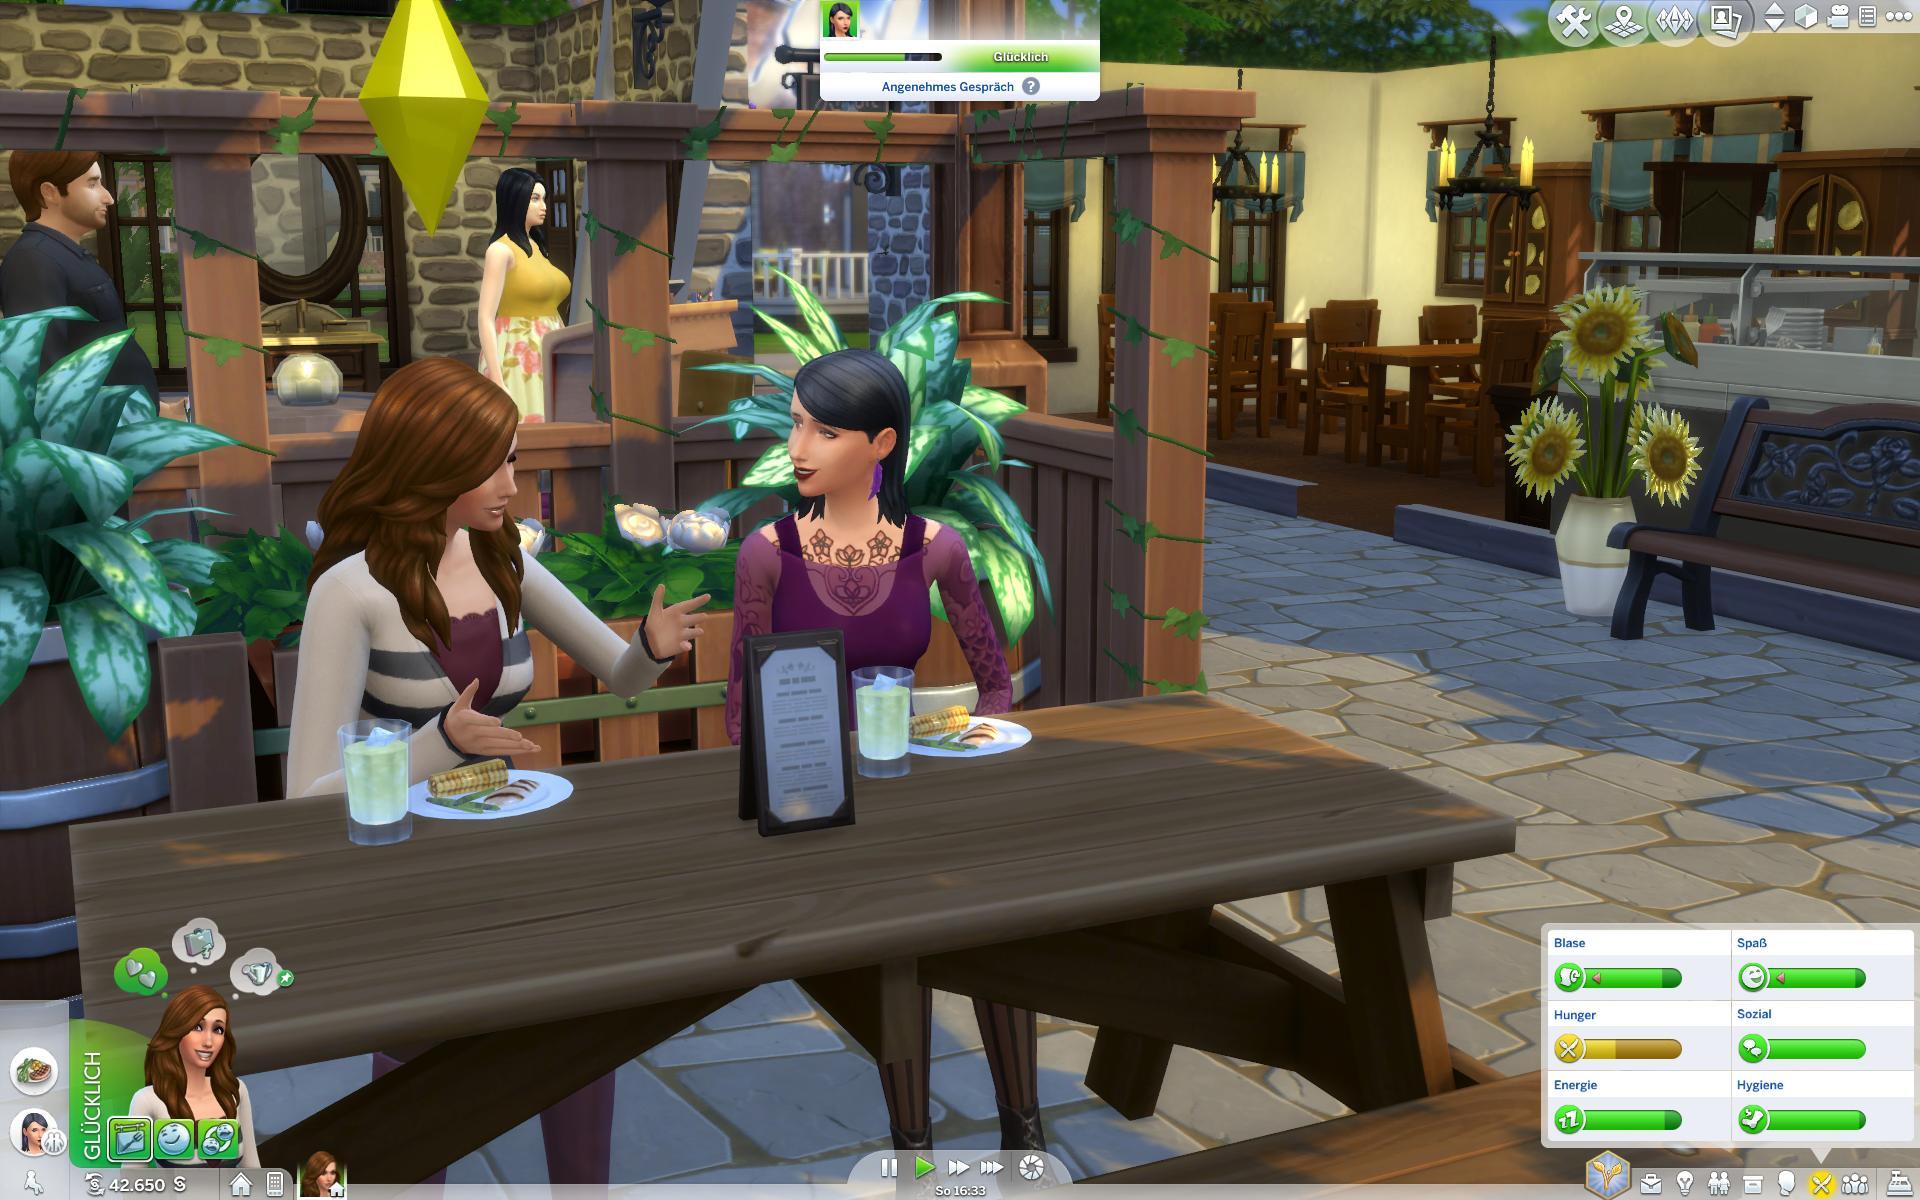 Die Sims 4 Gaumenfreuden Eigenes Restaurant Erstellen Und Leiten